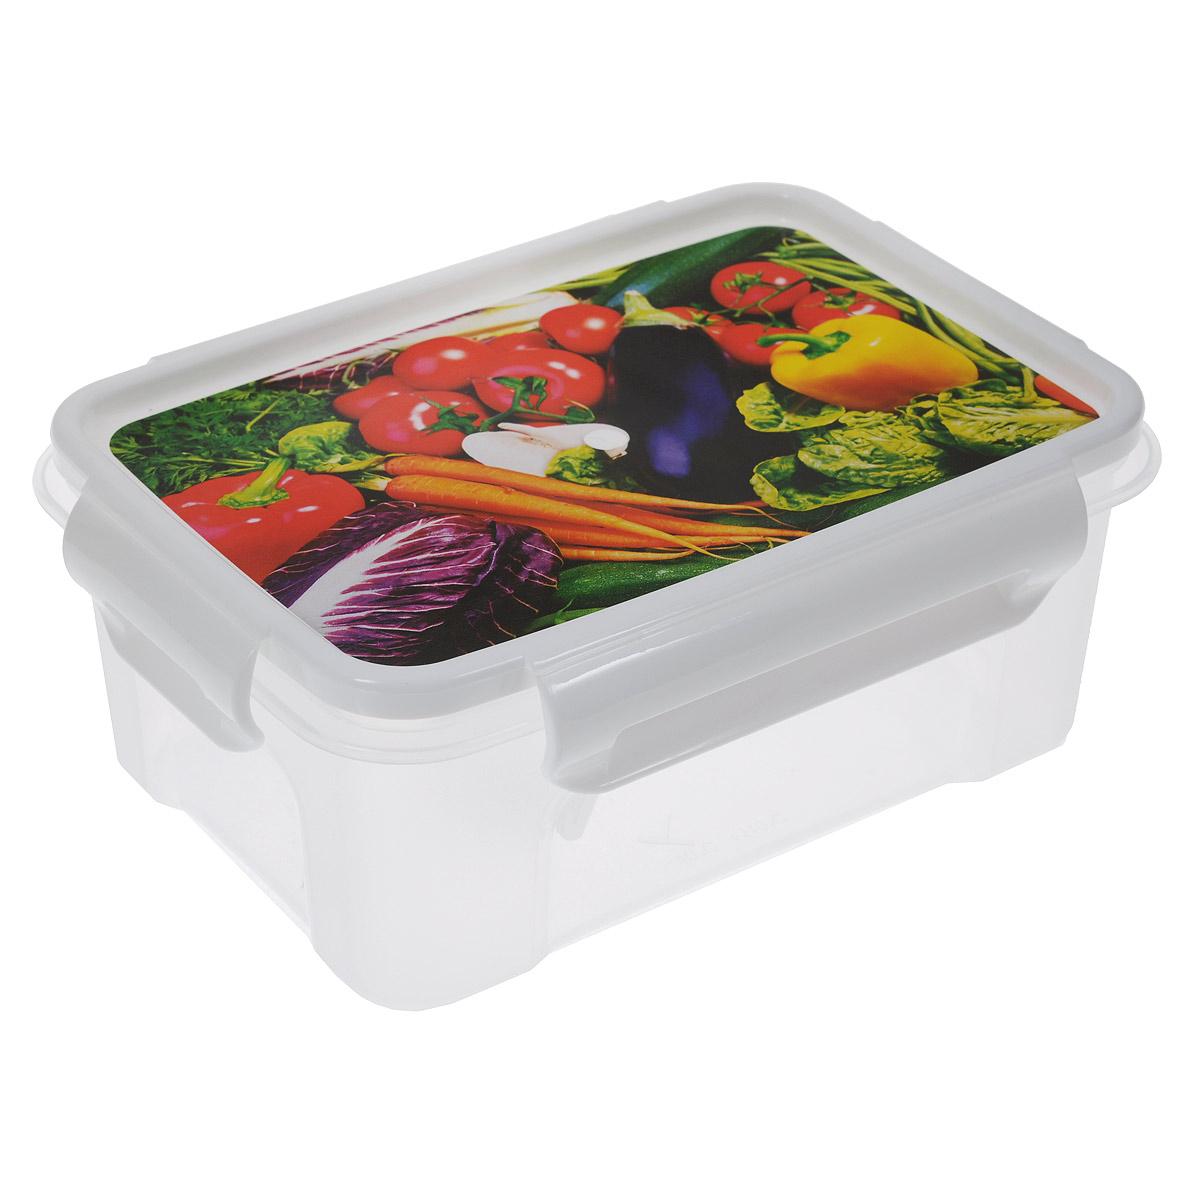 Контейнер Полимербыт Лок декор, 750 млС76101Контейнер Полимербыт Лок декор прямоугольной формы, изготовленный из прочного пластика, предназначен специально для хранения пищевых продуктов. Крышка, декорированная изображением овощей, легко открывается и плотно закрывается. Контейнер устойчив к воздействию масел и жиров, легко моется. Прозрачные стенки позволяют видеть содержимое. Контейнер имеет возможность хранения продуктов глубокой заморозки, обладает высокой прочностью. Можно мыть в посудомоечной машине. Подходит для использования в микроволновых печах.